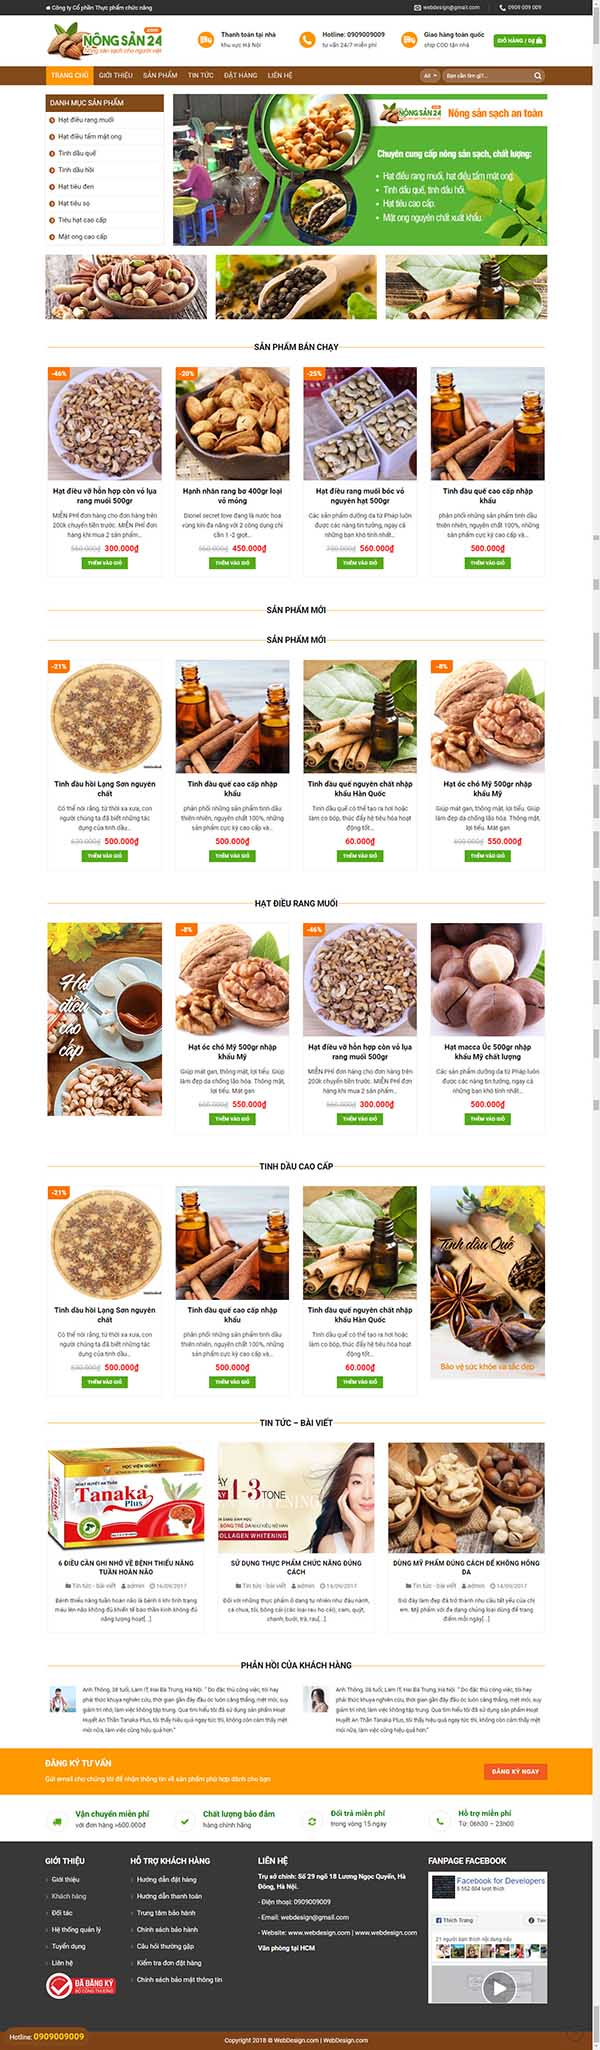 Thiết kế Mẫu website đặc sản dân tộc 06